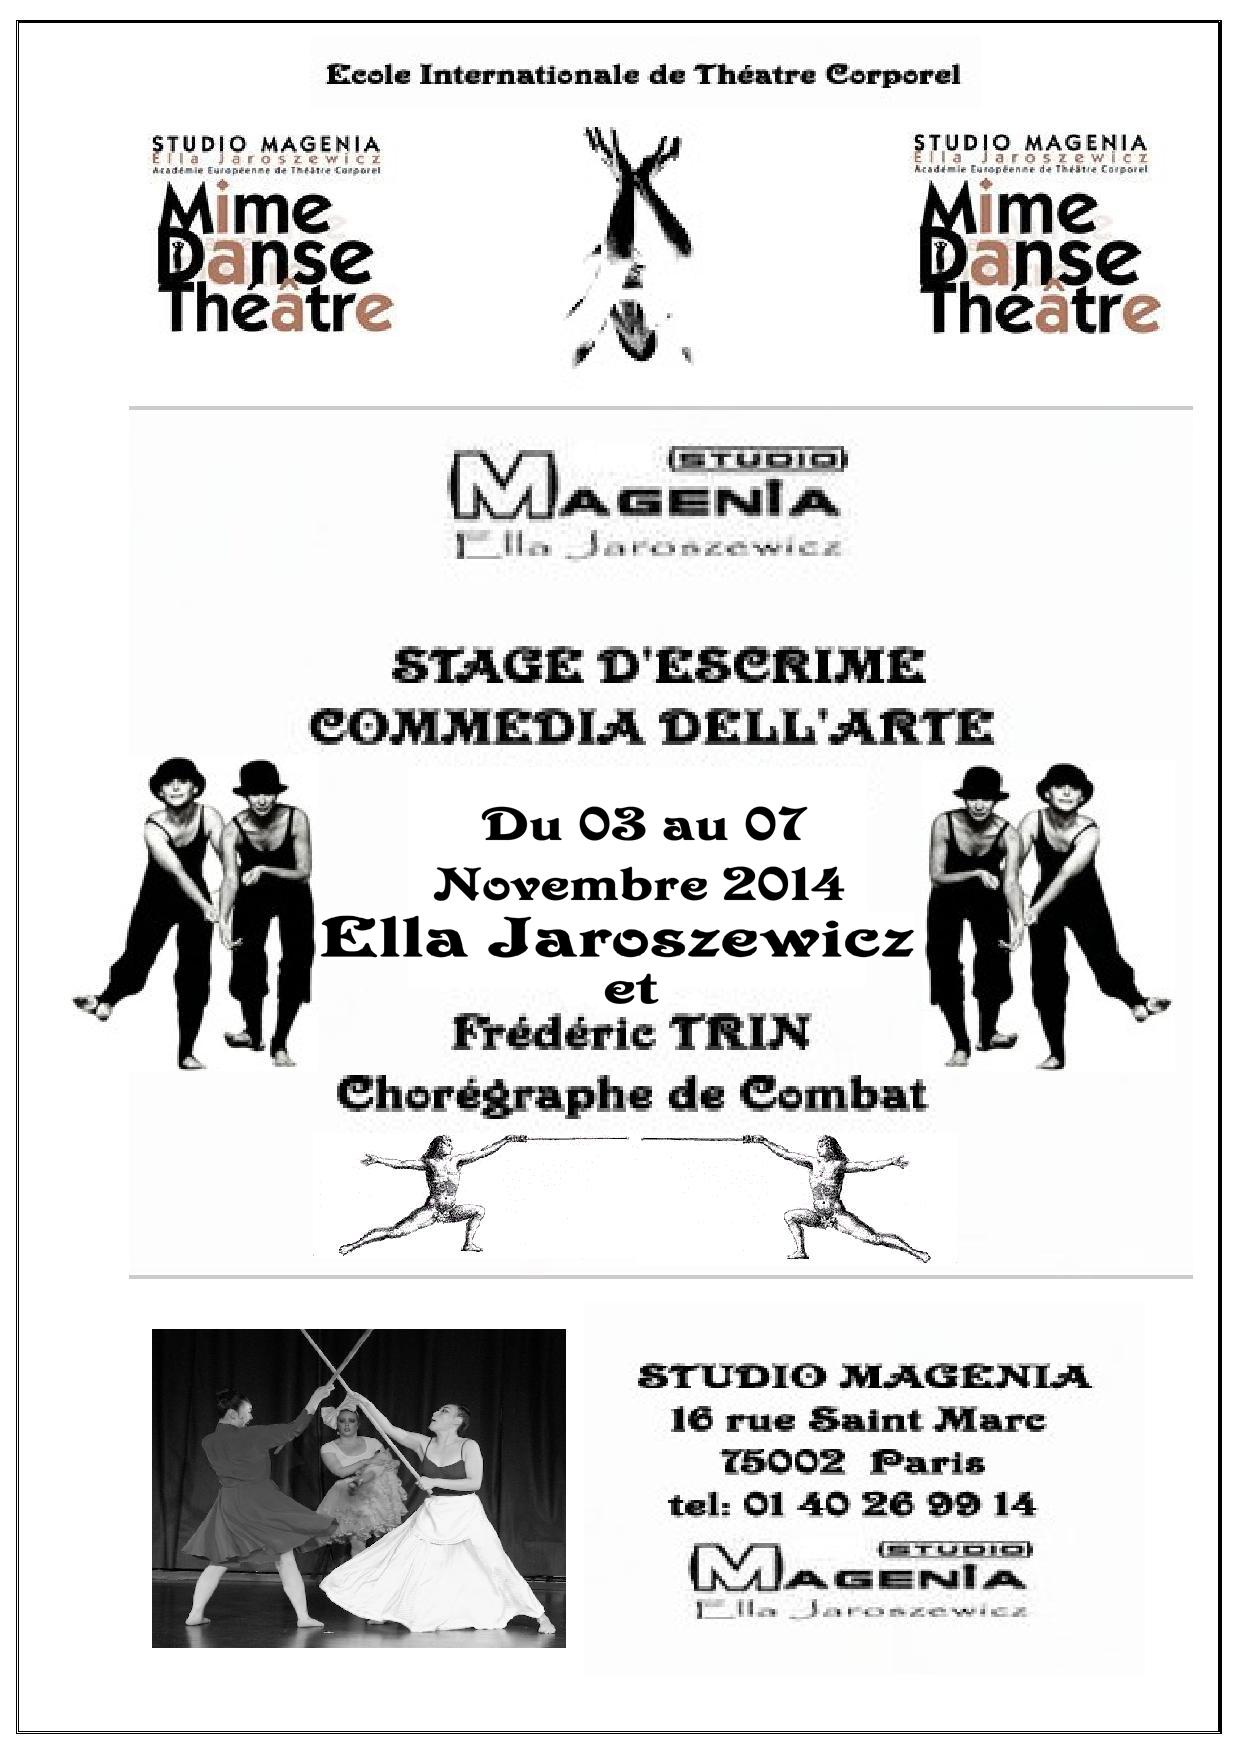 Stage d'escrime théâtrale du 03 au 07 Novembre 2014